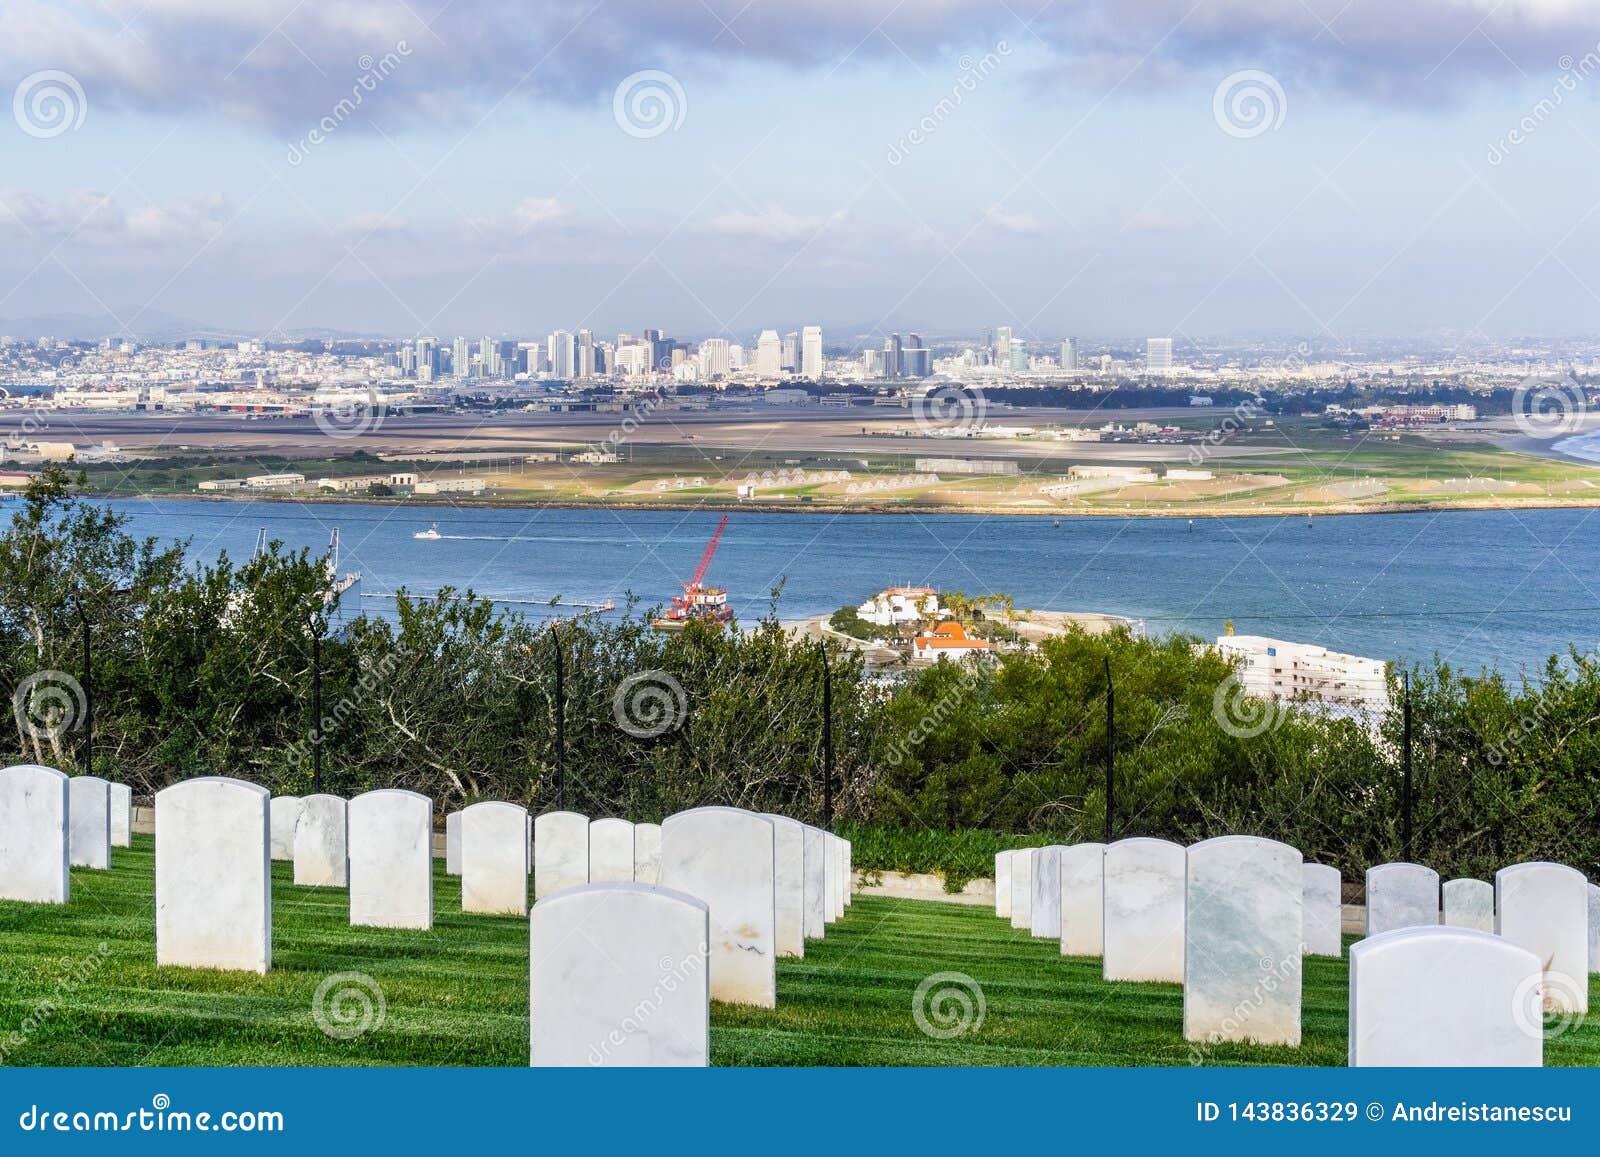 Cemitério militar; A skyline no fundo, Califórnia de San Diego